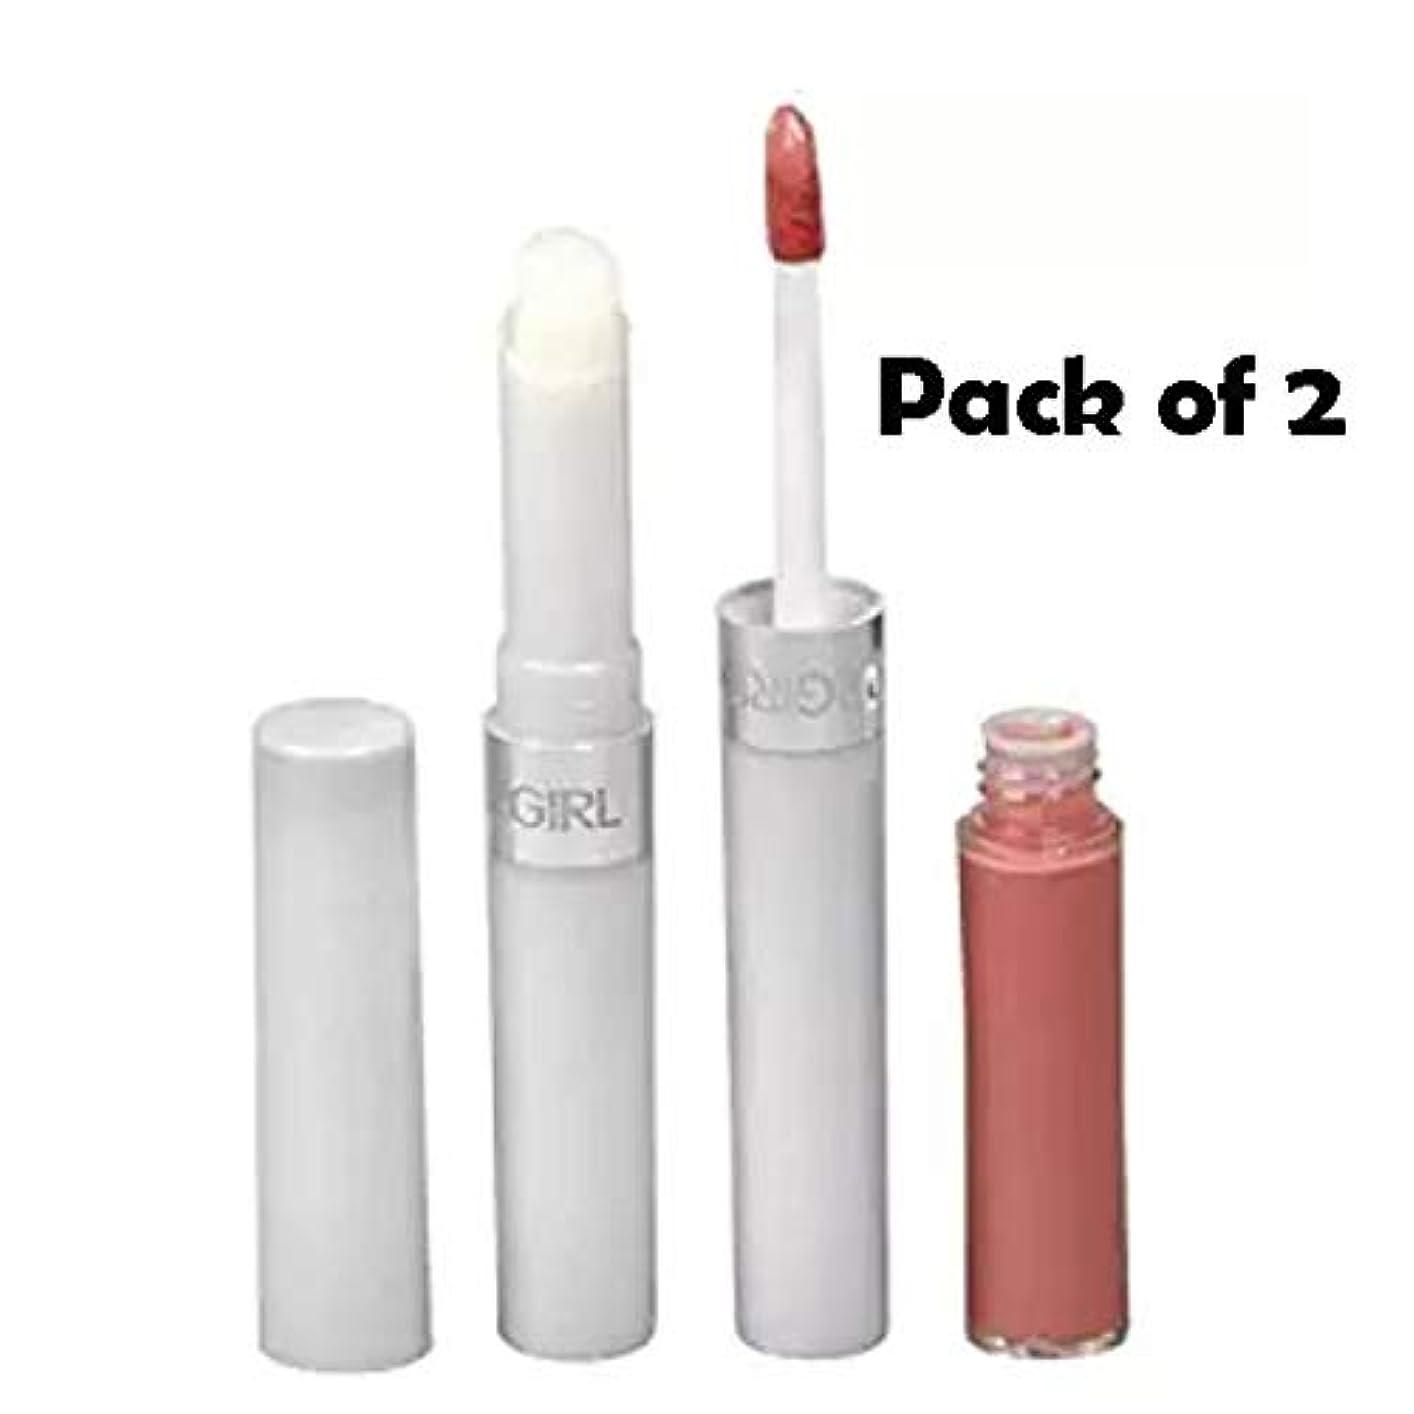 かまどふざけた呼吸するCOVERGIRL Outlast All-Day Moisturizing Lip Color - Constant Coral 581 (2 Packs) [海外直送品] [並行輸入品]